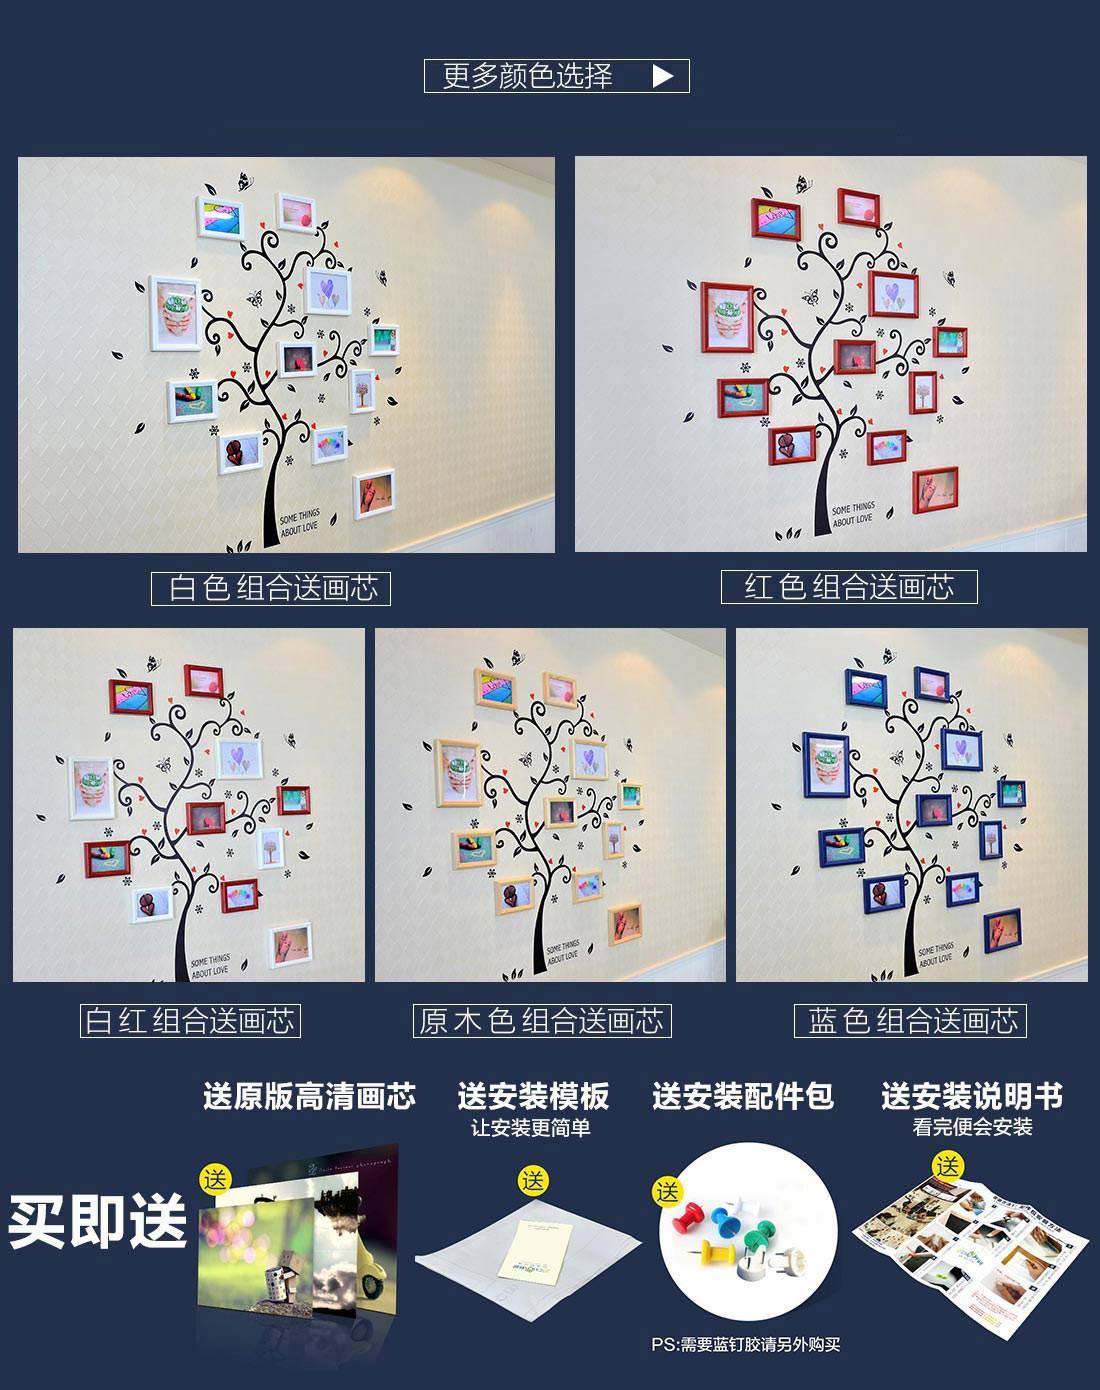 幸福树照片墙墙贴组合